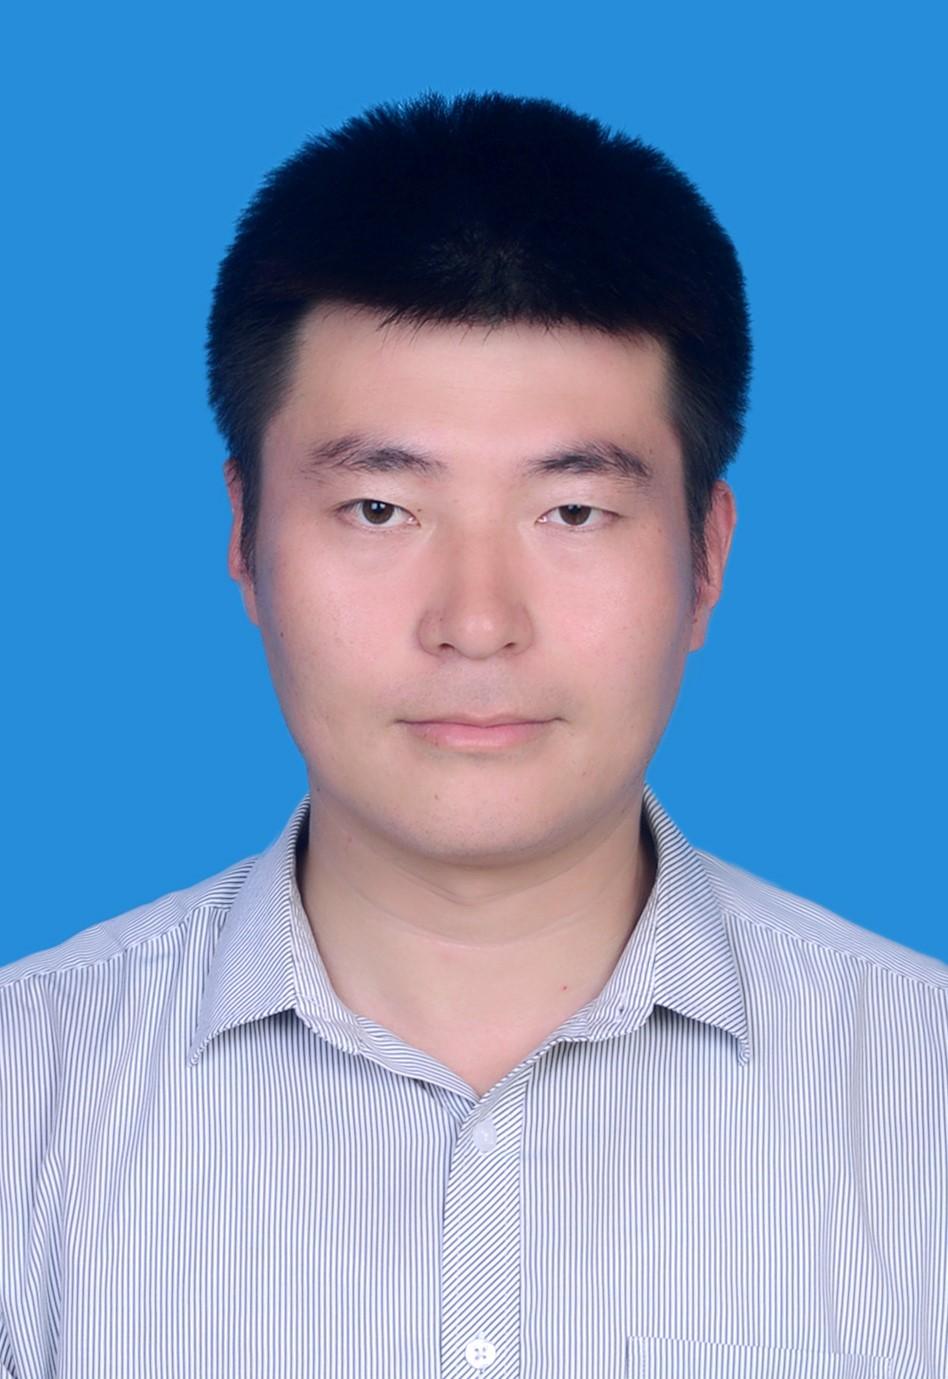 吴广磊.jpg